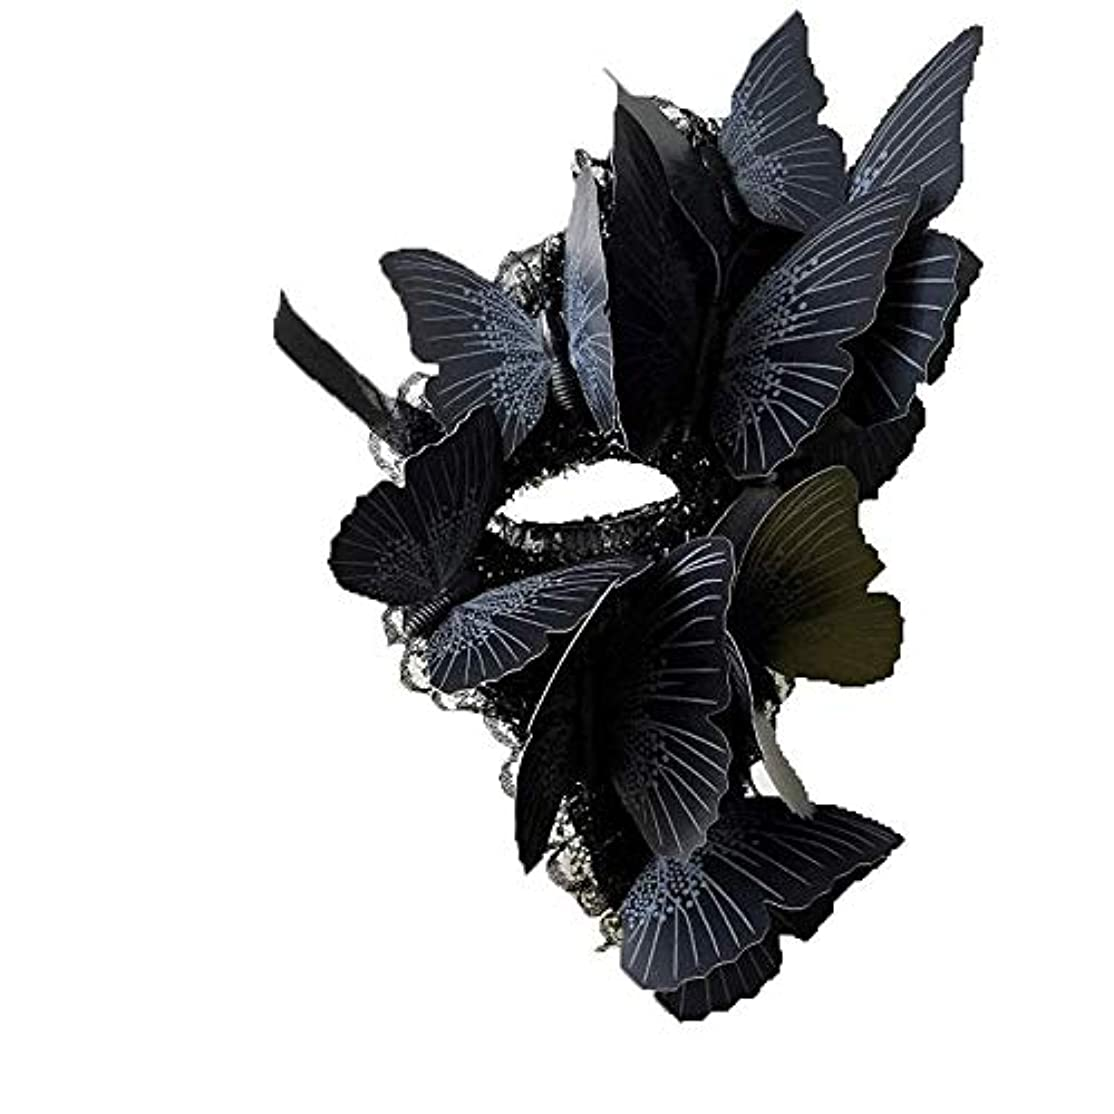 Nanle ハロウィーンの蝶単眼マスク仮装マスクレディミスプリンセス美しさの祭パーティ装飾 (色 : Style B, サイズ さいず : Right eye)